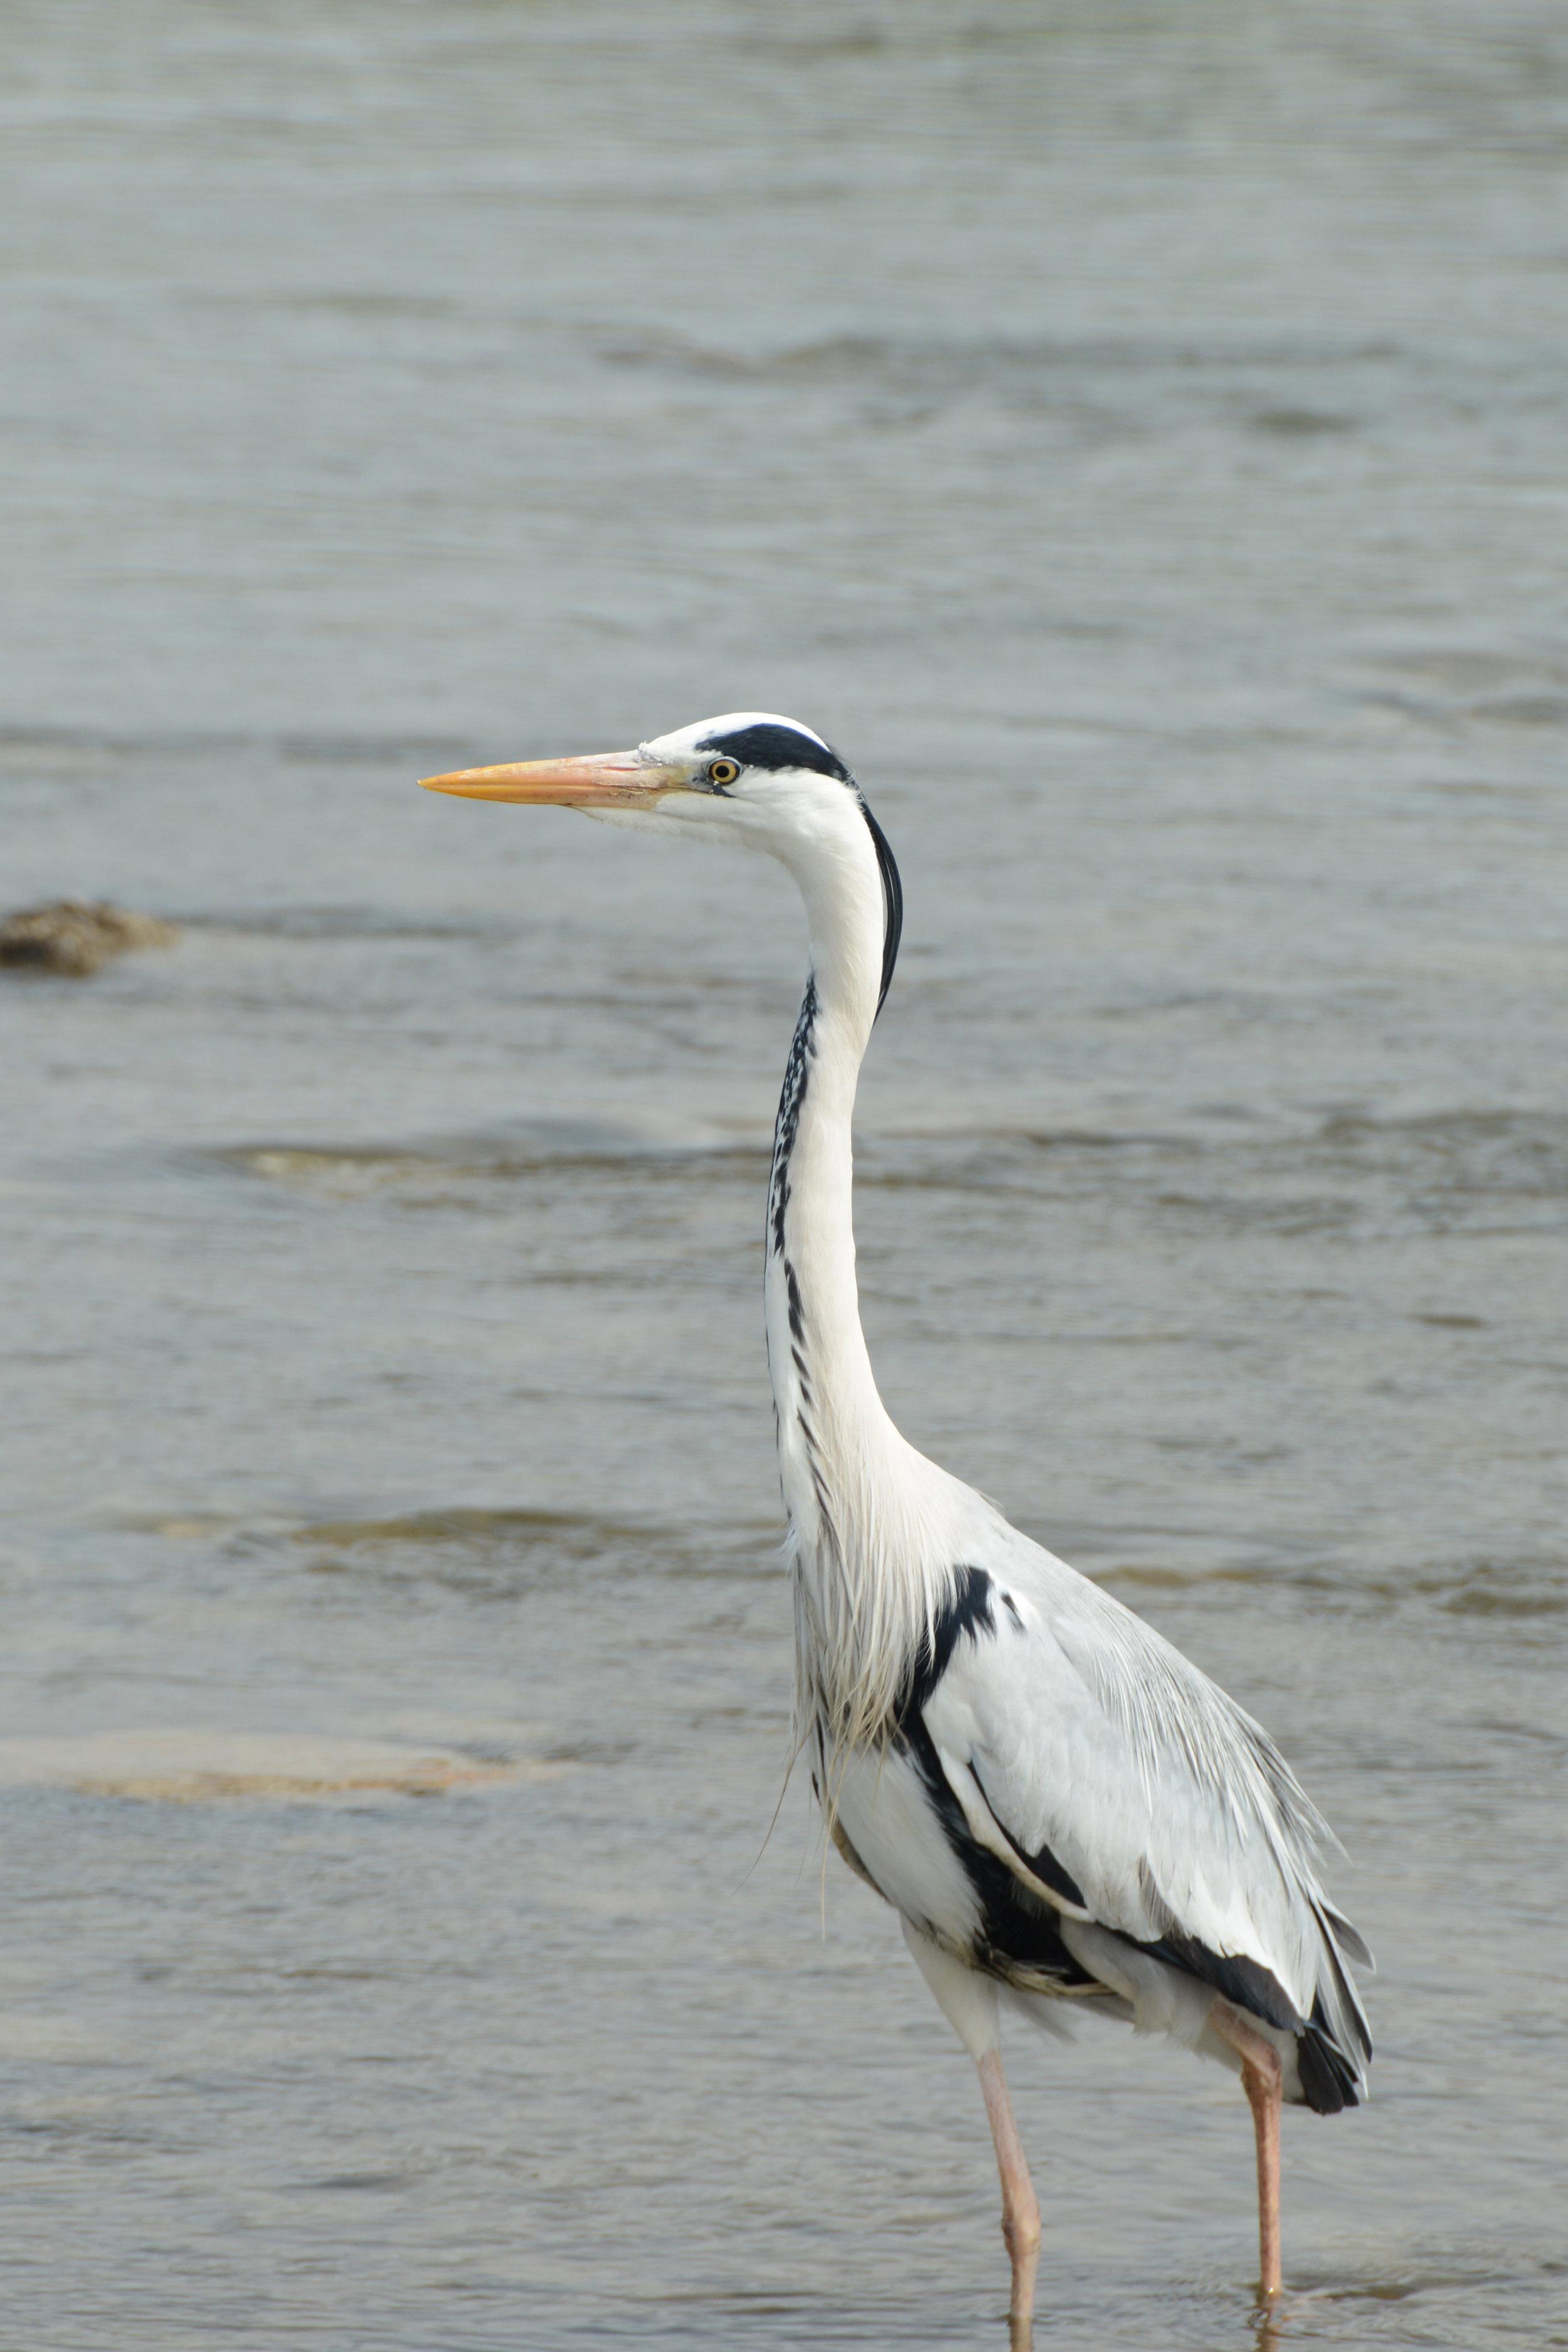 Heron on the Kamo River